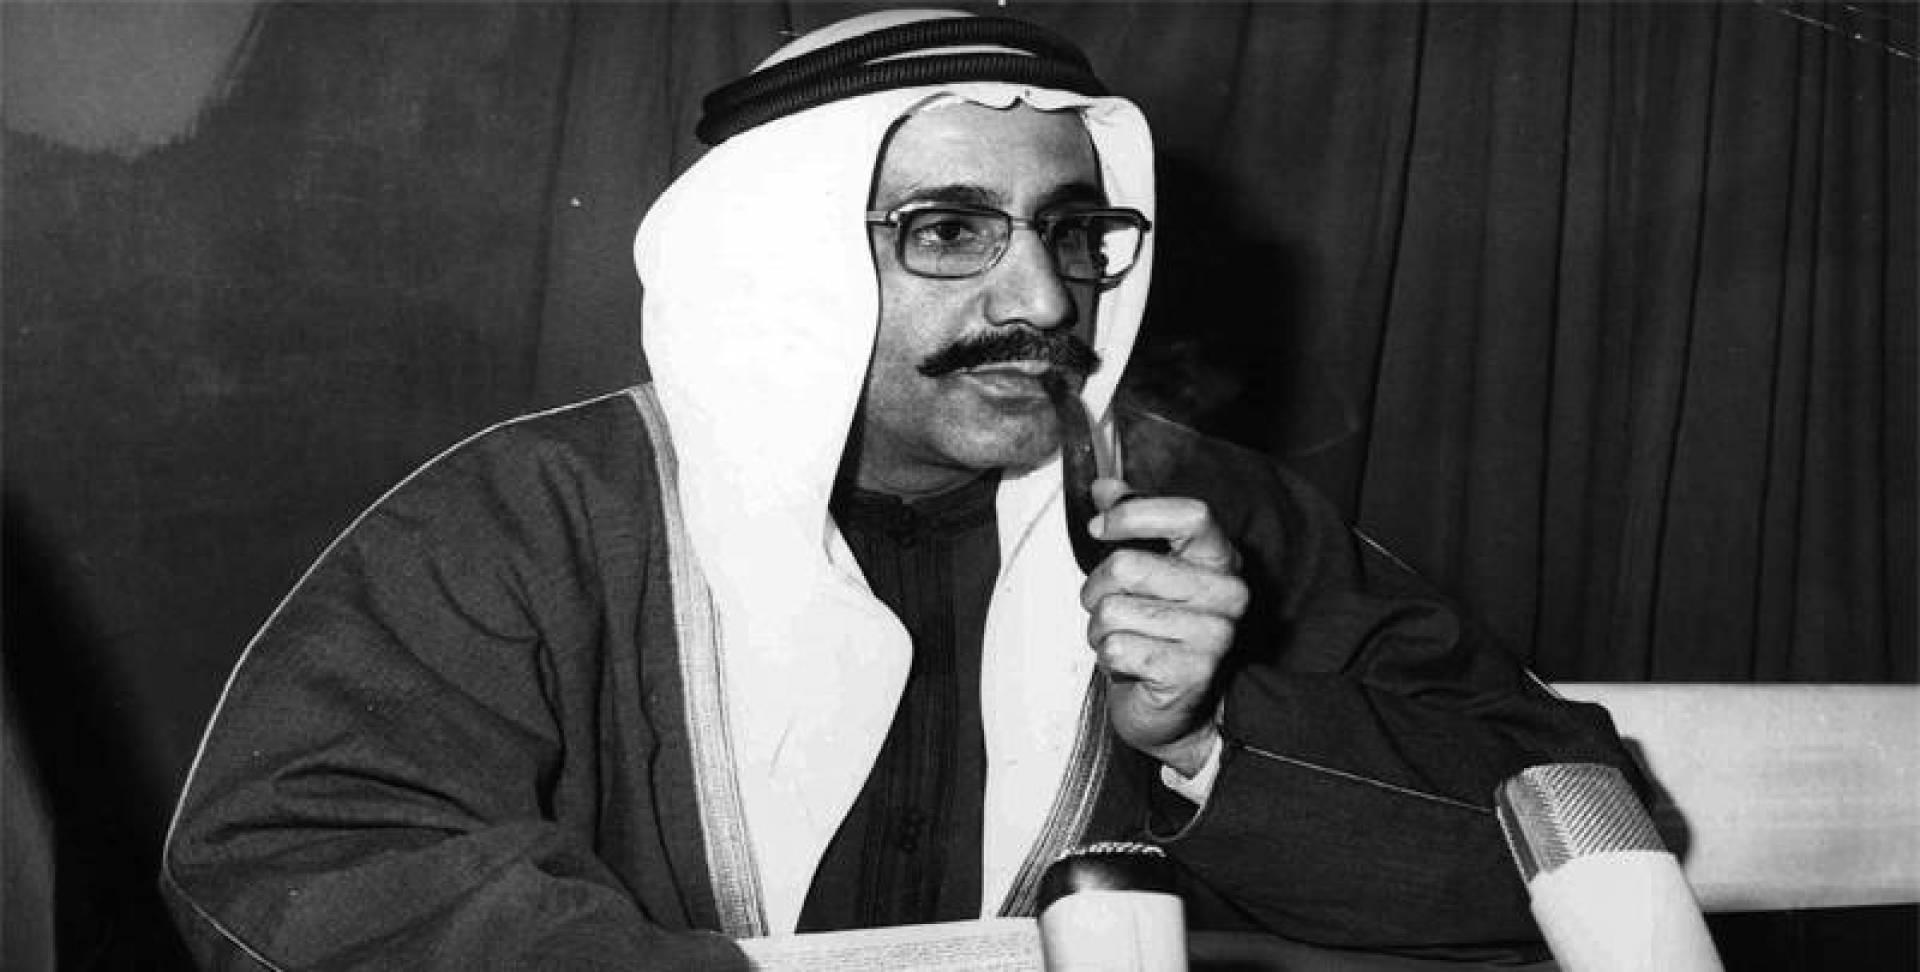 عبدالرحمن العتيقي وزير المالية والنفط الكويتي.. أرشيفية